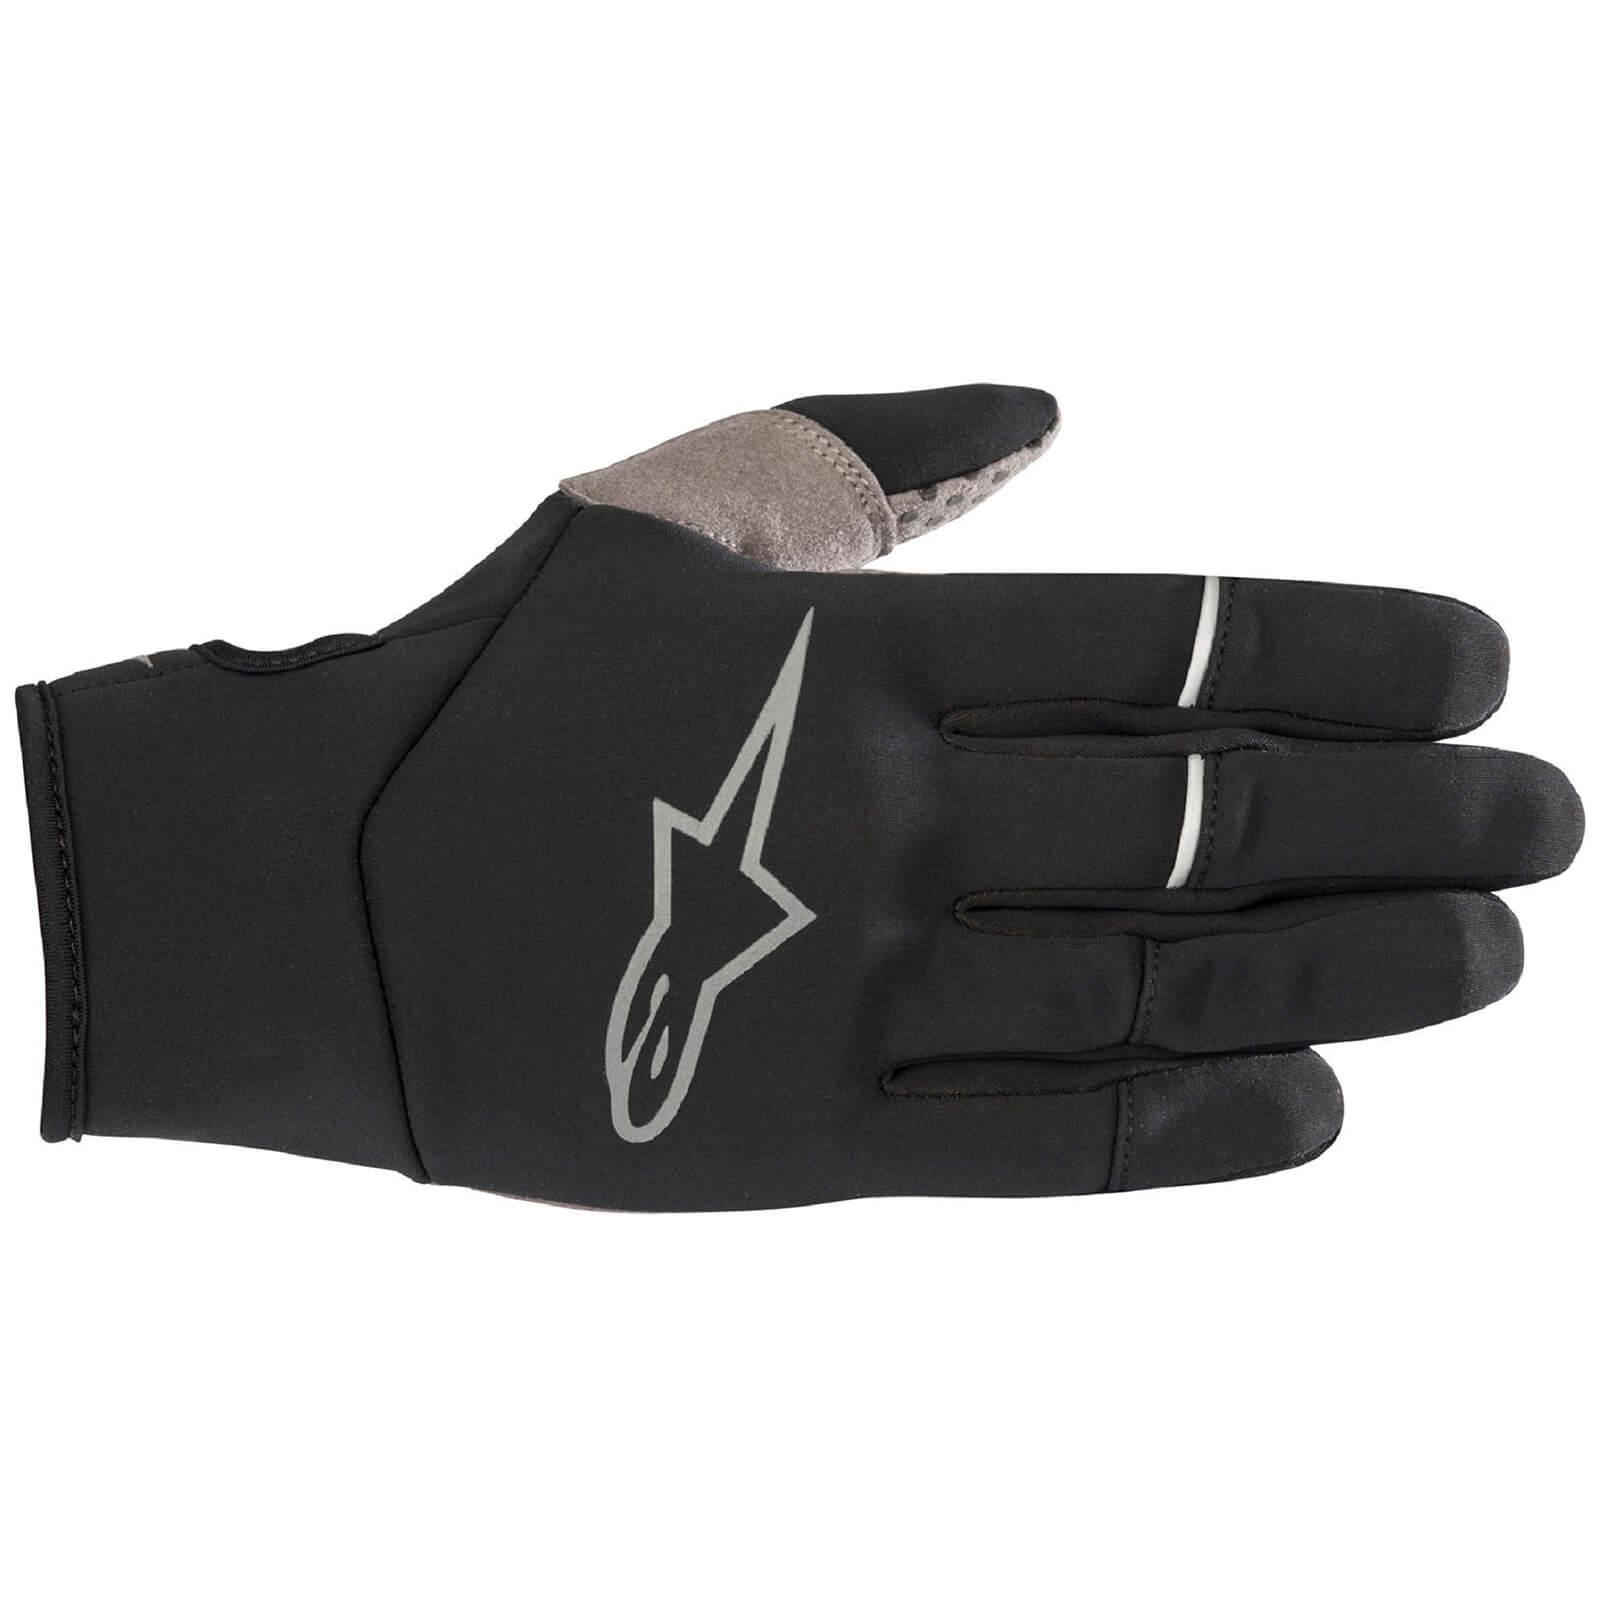 Alpinestars Aspen WR MTB Glove - XS